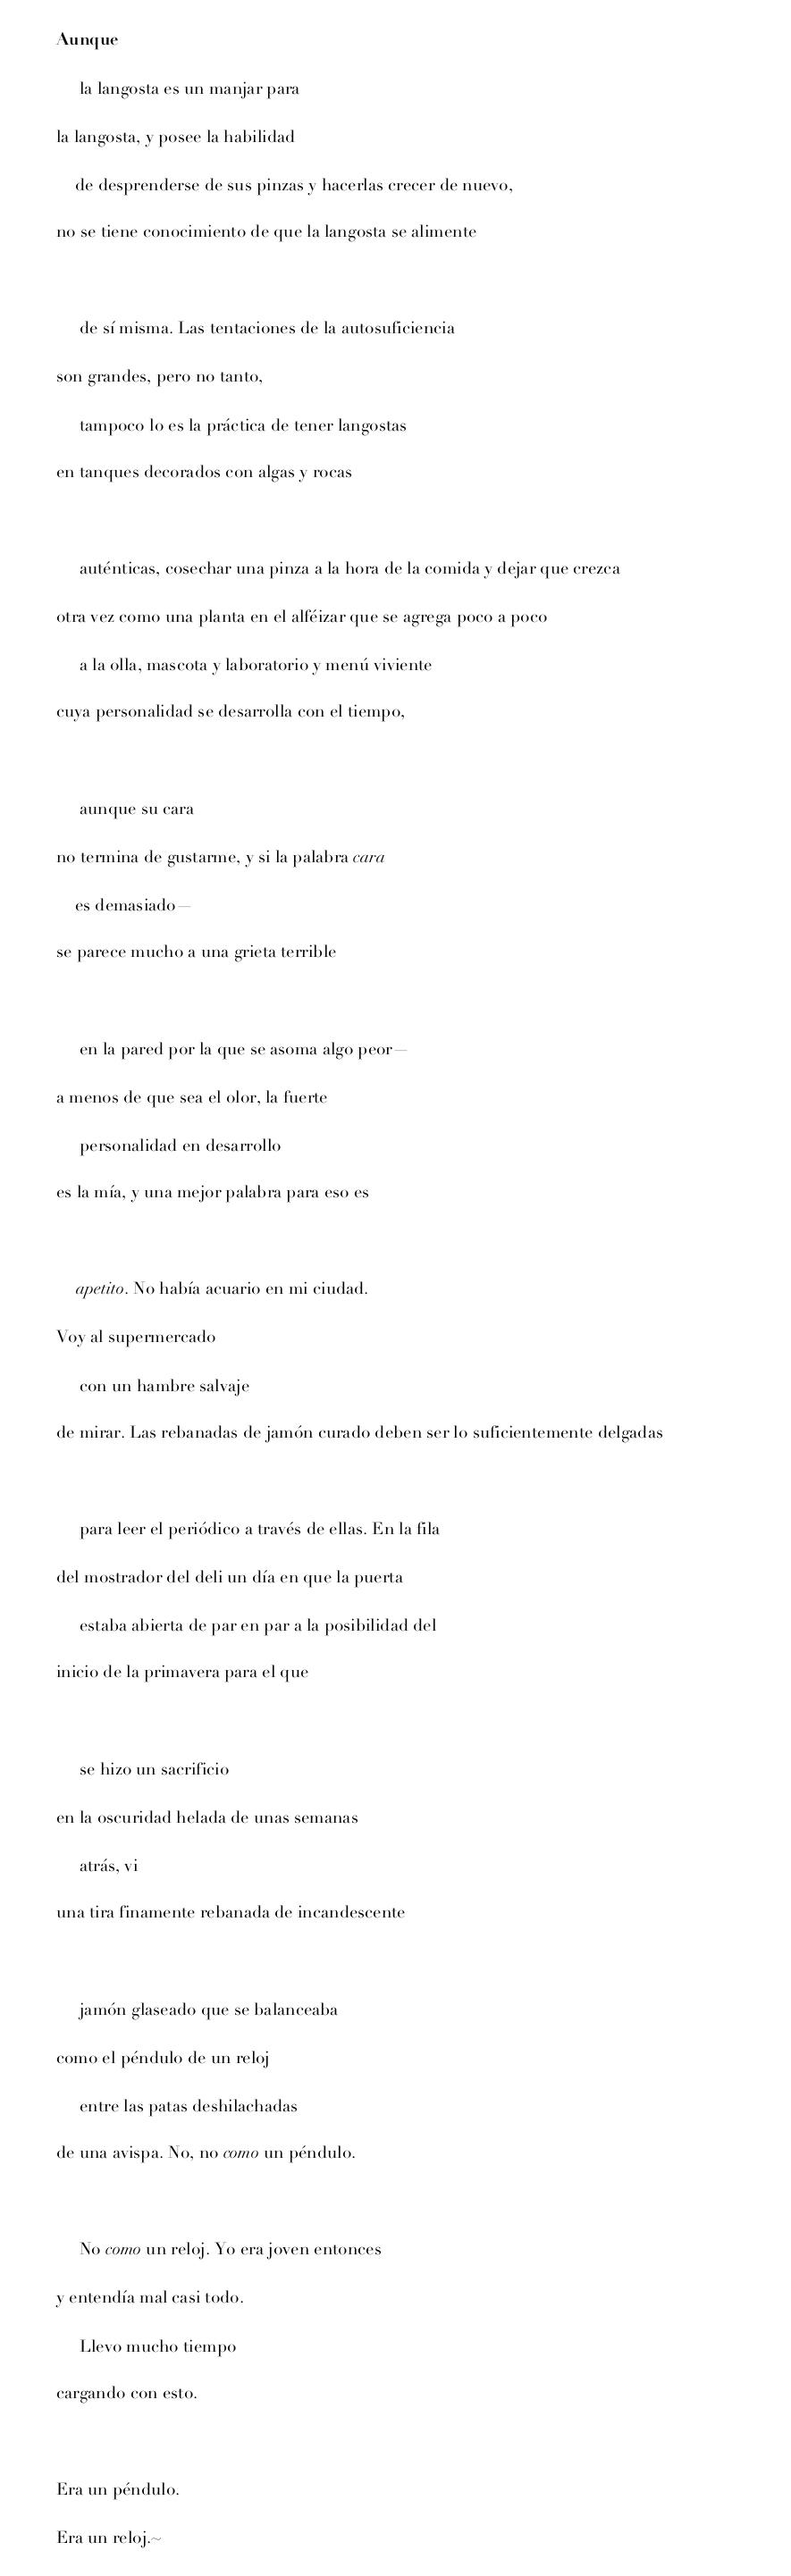 01062019_piedradecocina-no le aunque (txt).jpg